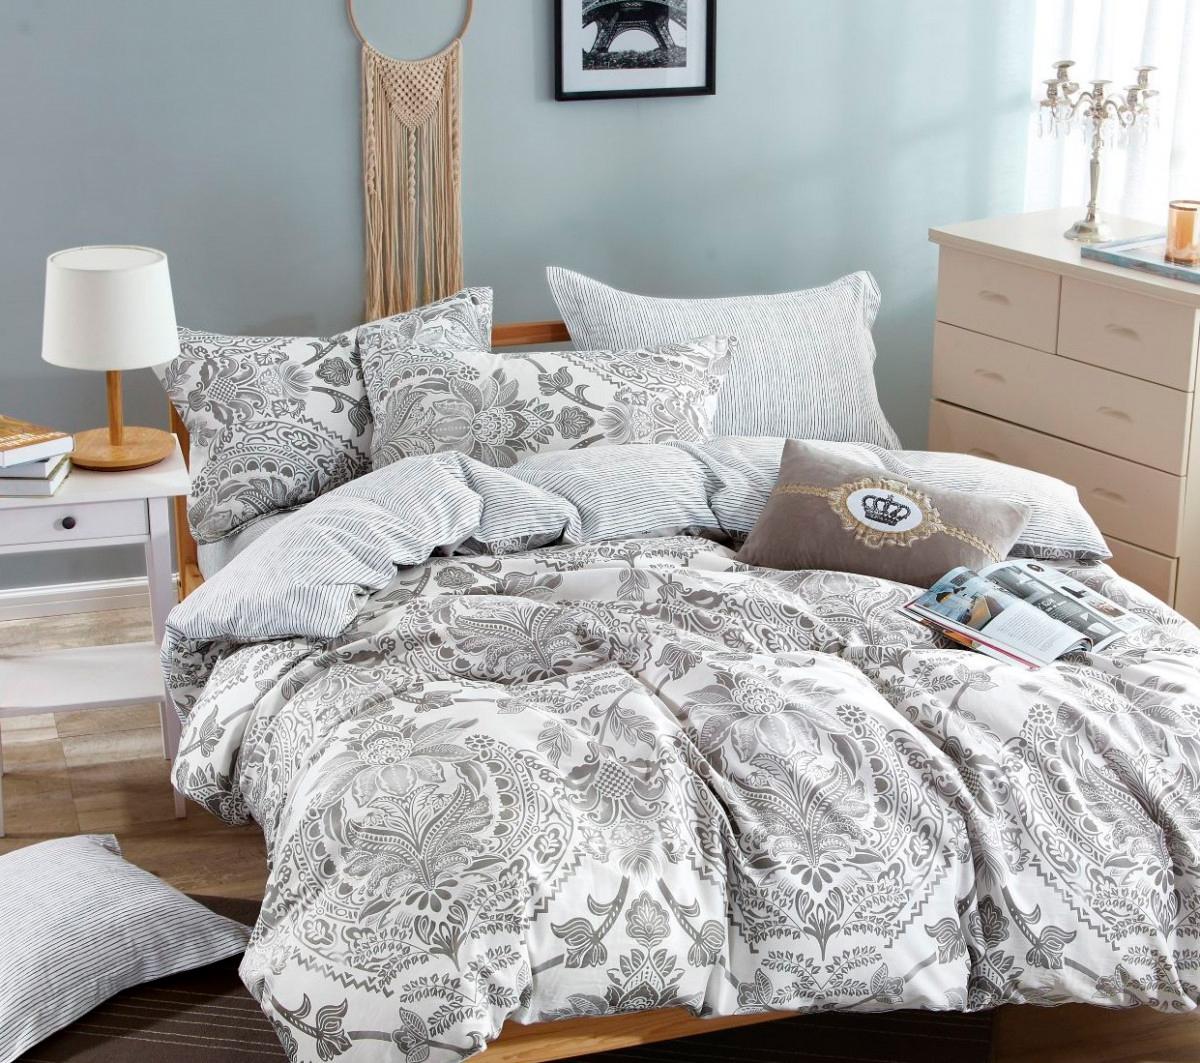 Купить Комплекты постельного белья Famille, Постельное белье Norberta (2 спал.), Китай, Серый, Хлопковый сатин